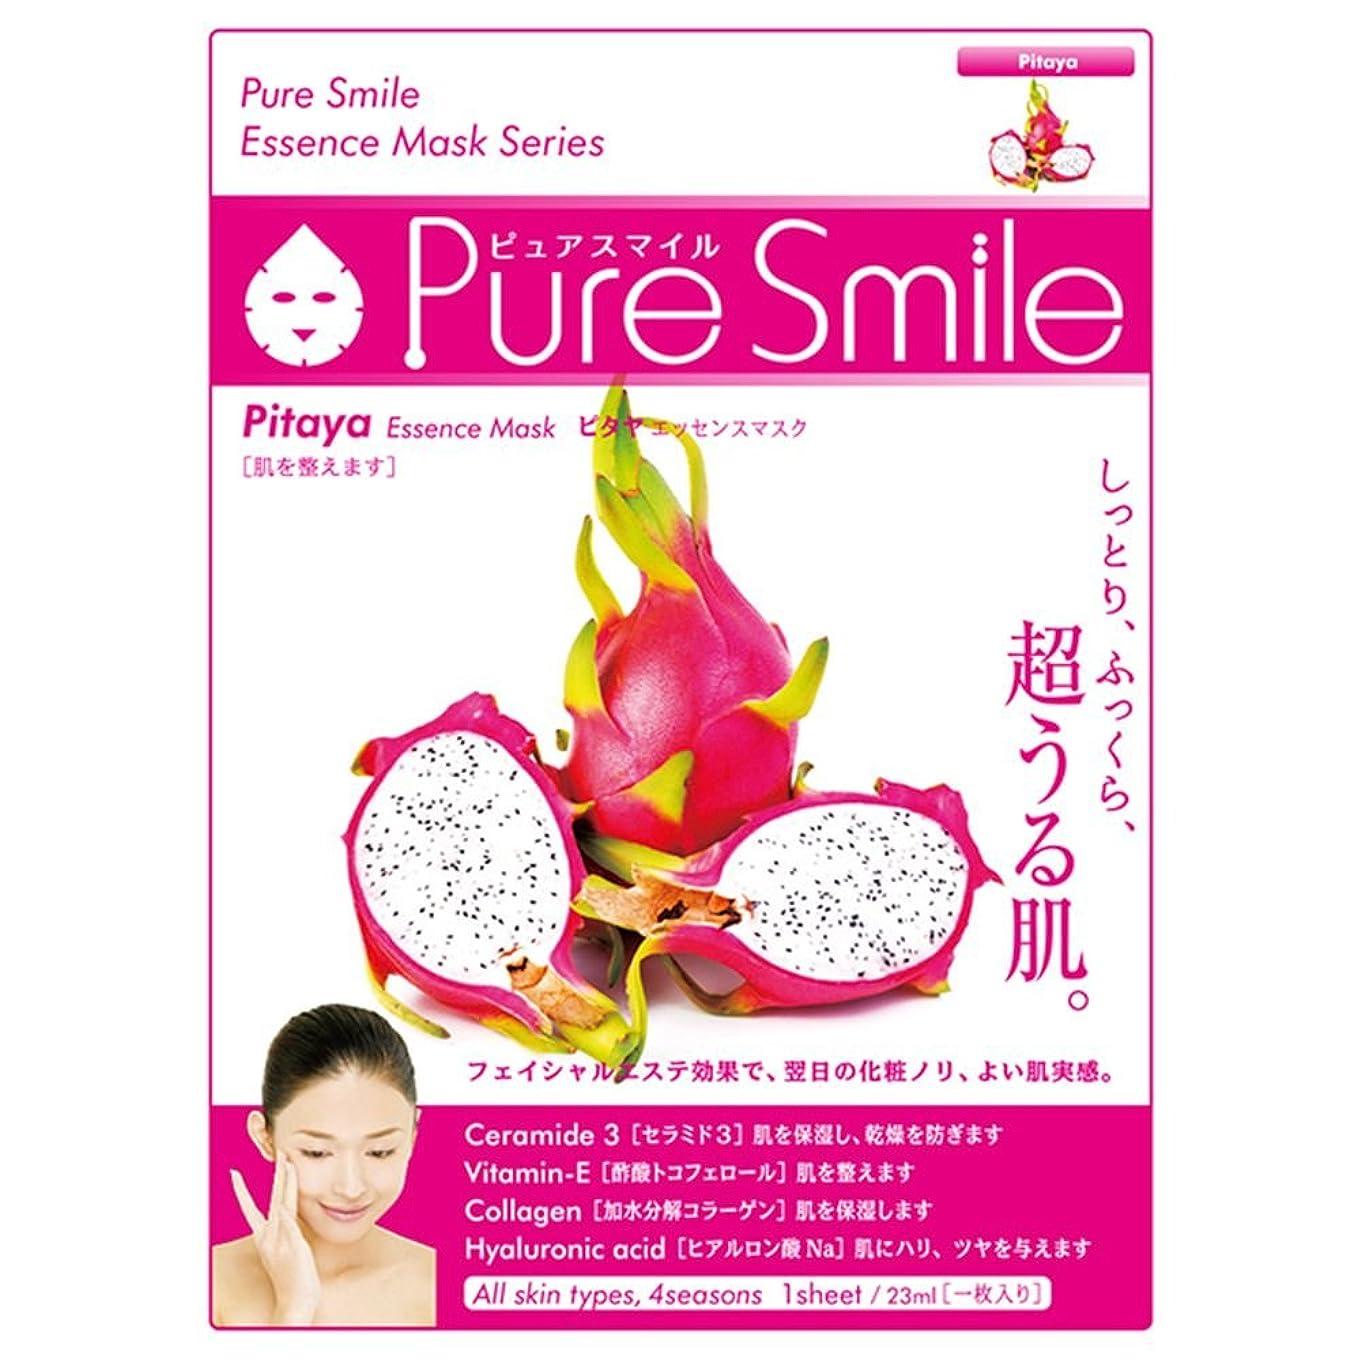 排他的フライカイト関税Pure Smile/ピュアスマイル エッセンス/フェイスマスク 『Pitaya/ピタヤ(ドラゴンフルーツ)』